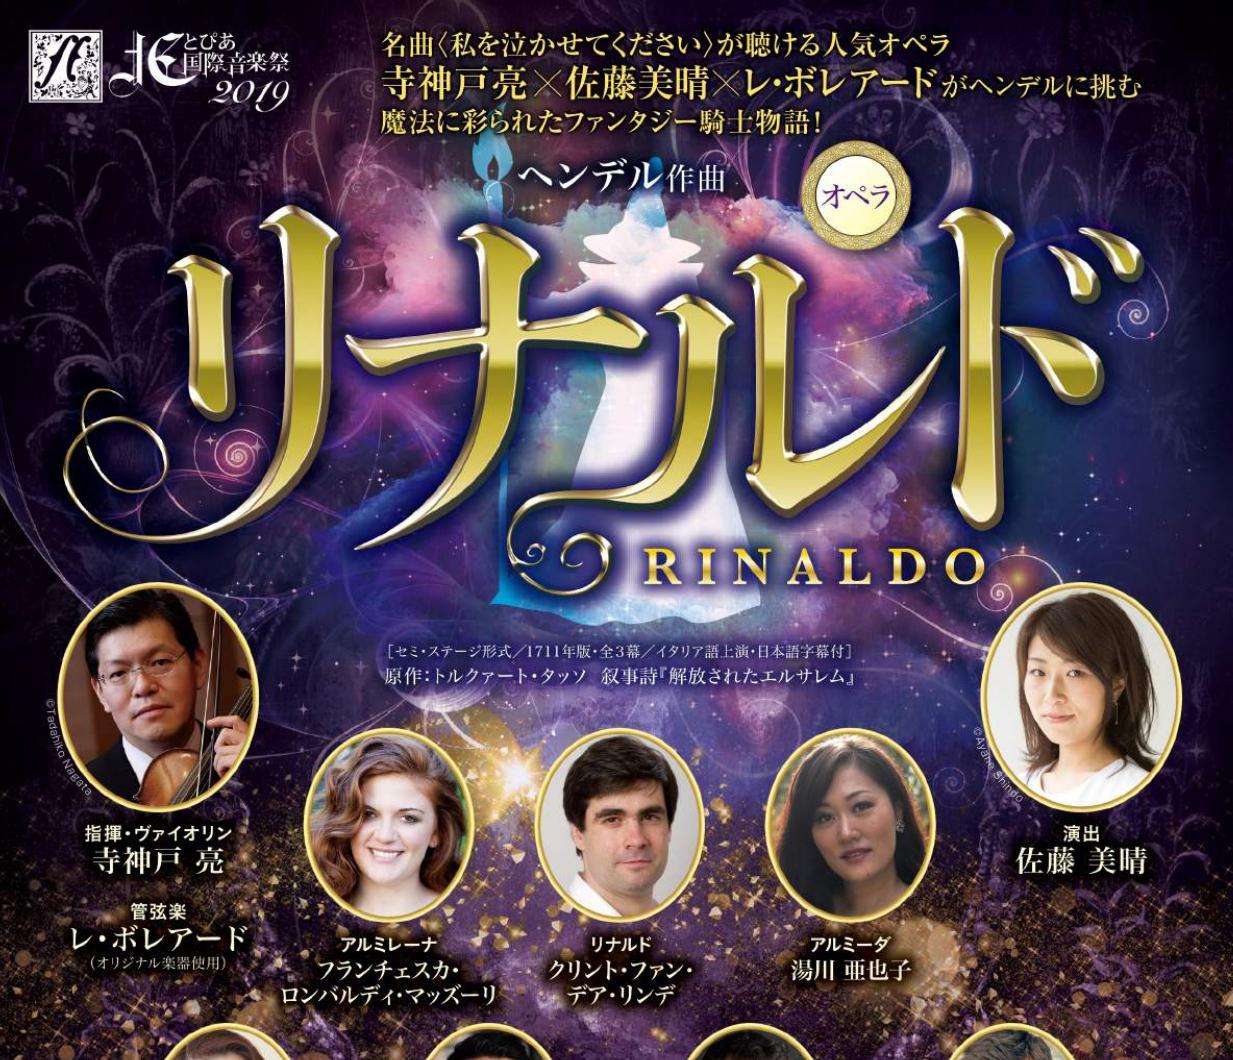 オペラ《リナルド》の画像